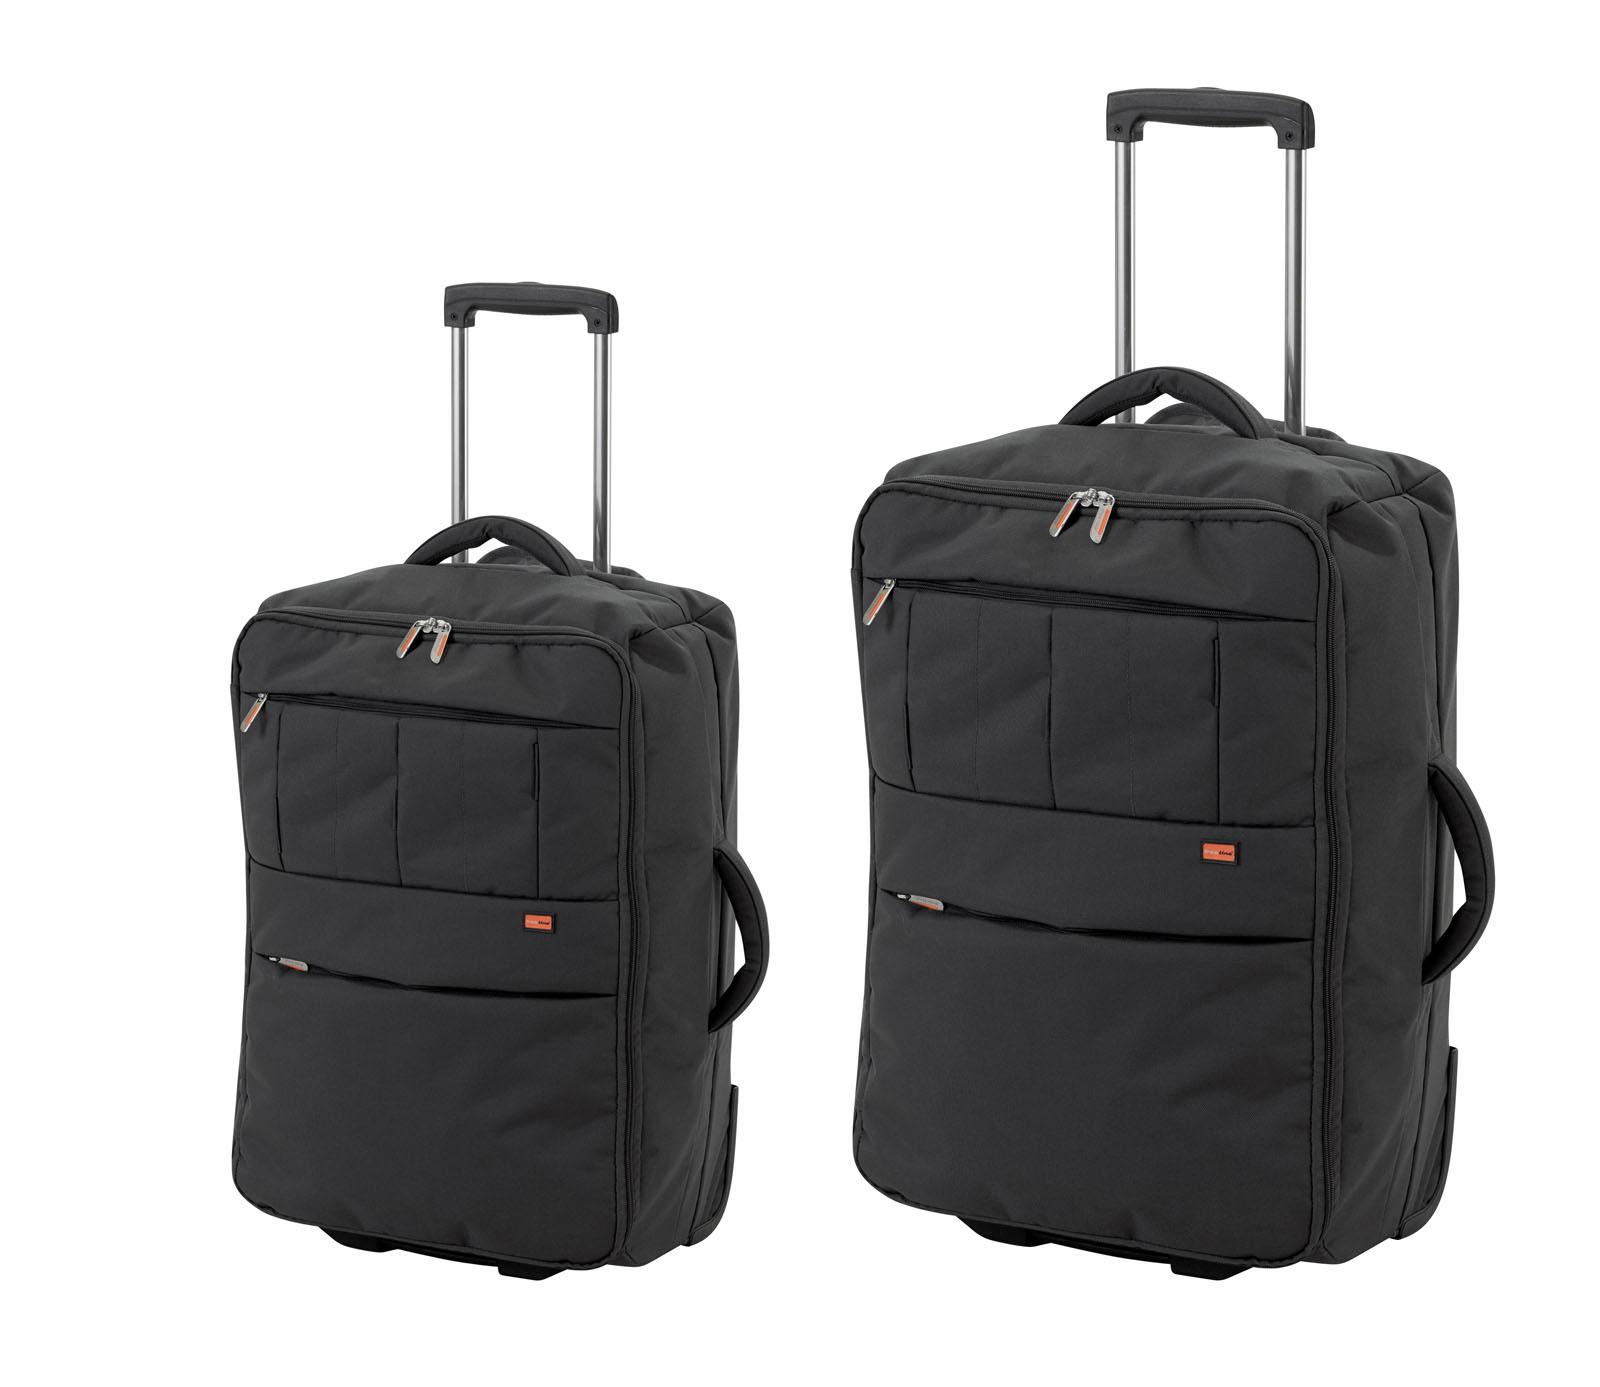 trolley promotionnel set de 2 valises souples ultra legere. Black Bedroom Furniture Sets. Home Design Ideas